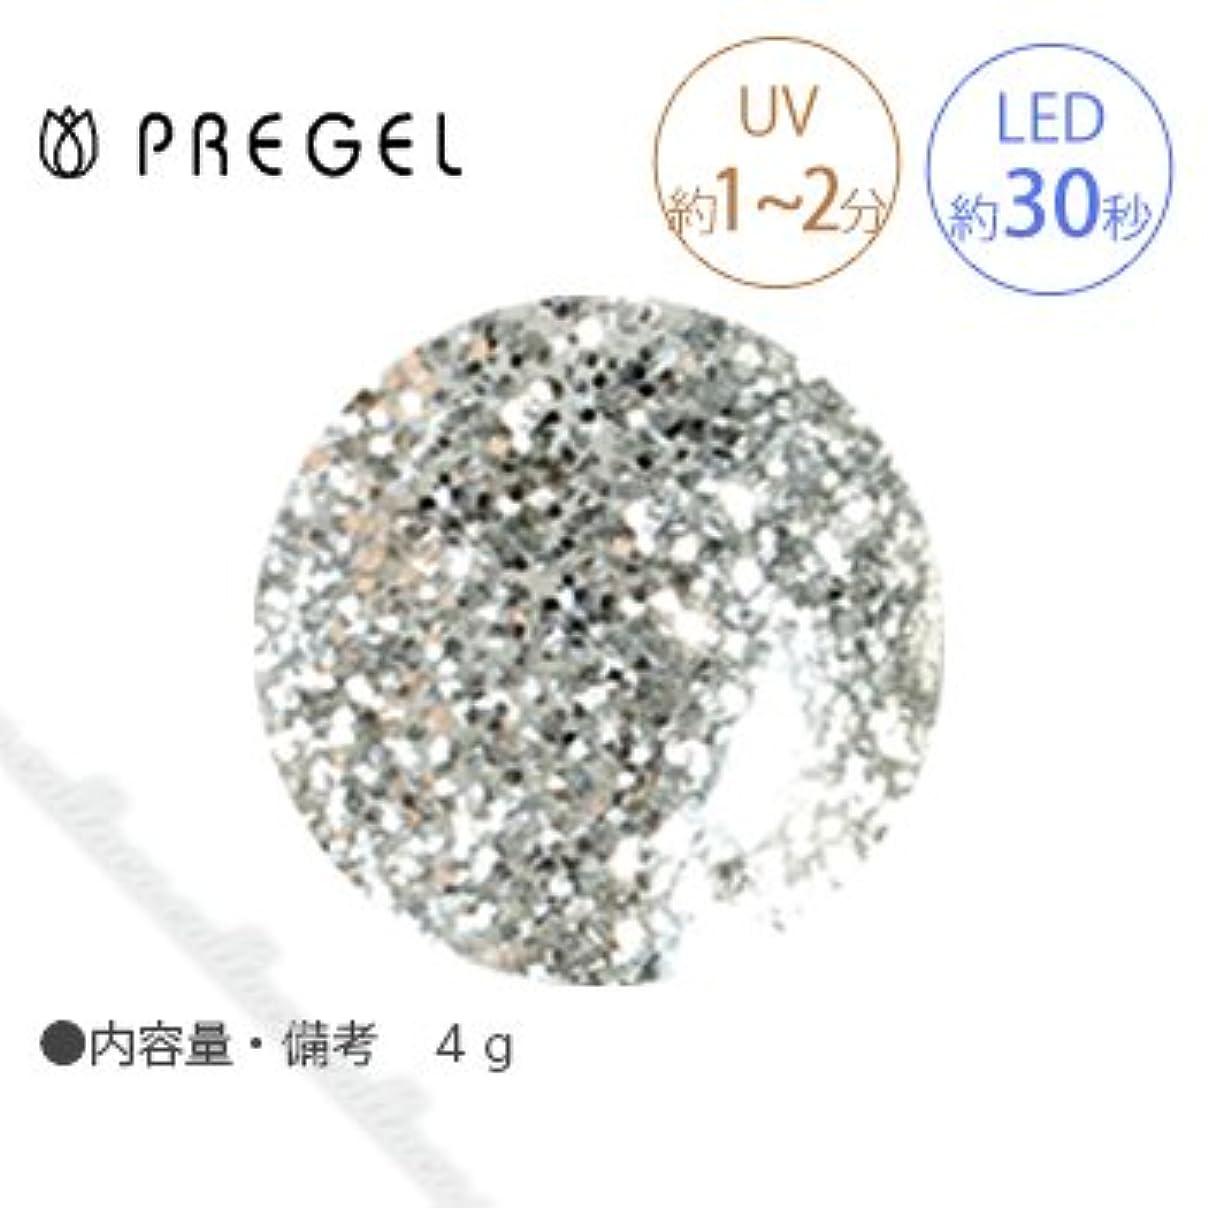 宴会読書をする流体【PREGEL】 プリジェル カラーEX ダイヤモンドシリーズ ダイヤモンドシルバー PG-CE400 4g